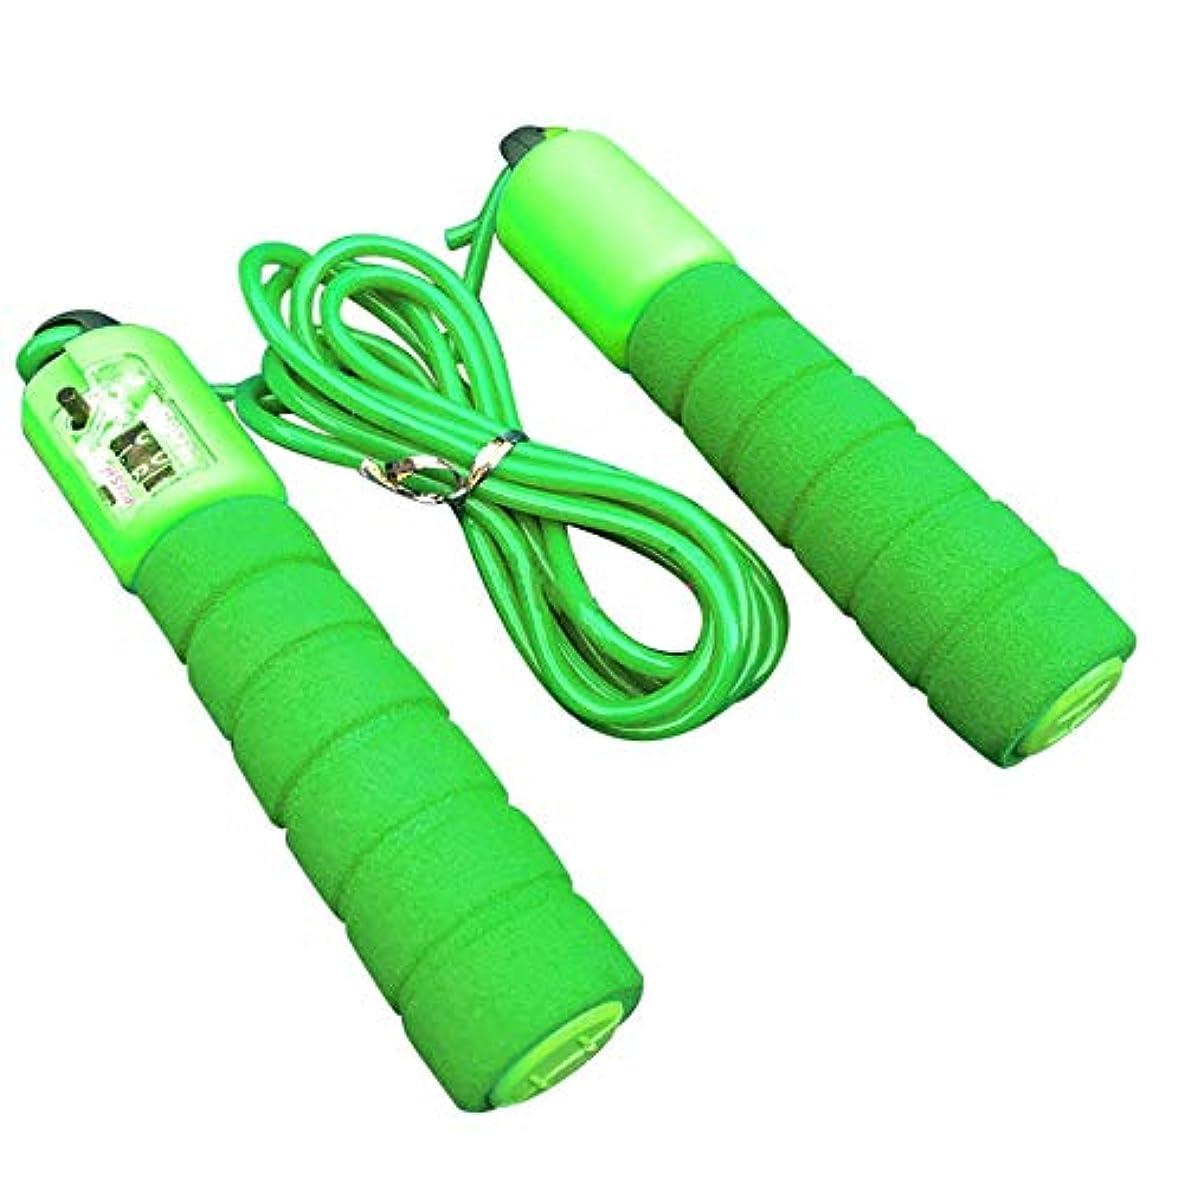 南肥満修復調節可能なプロフェッショナルカウント縄跳び自動カウントジャンプロープフィットネス運動高速カウントジャンプロープ - グリーン